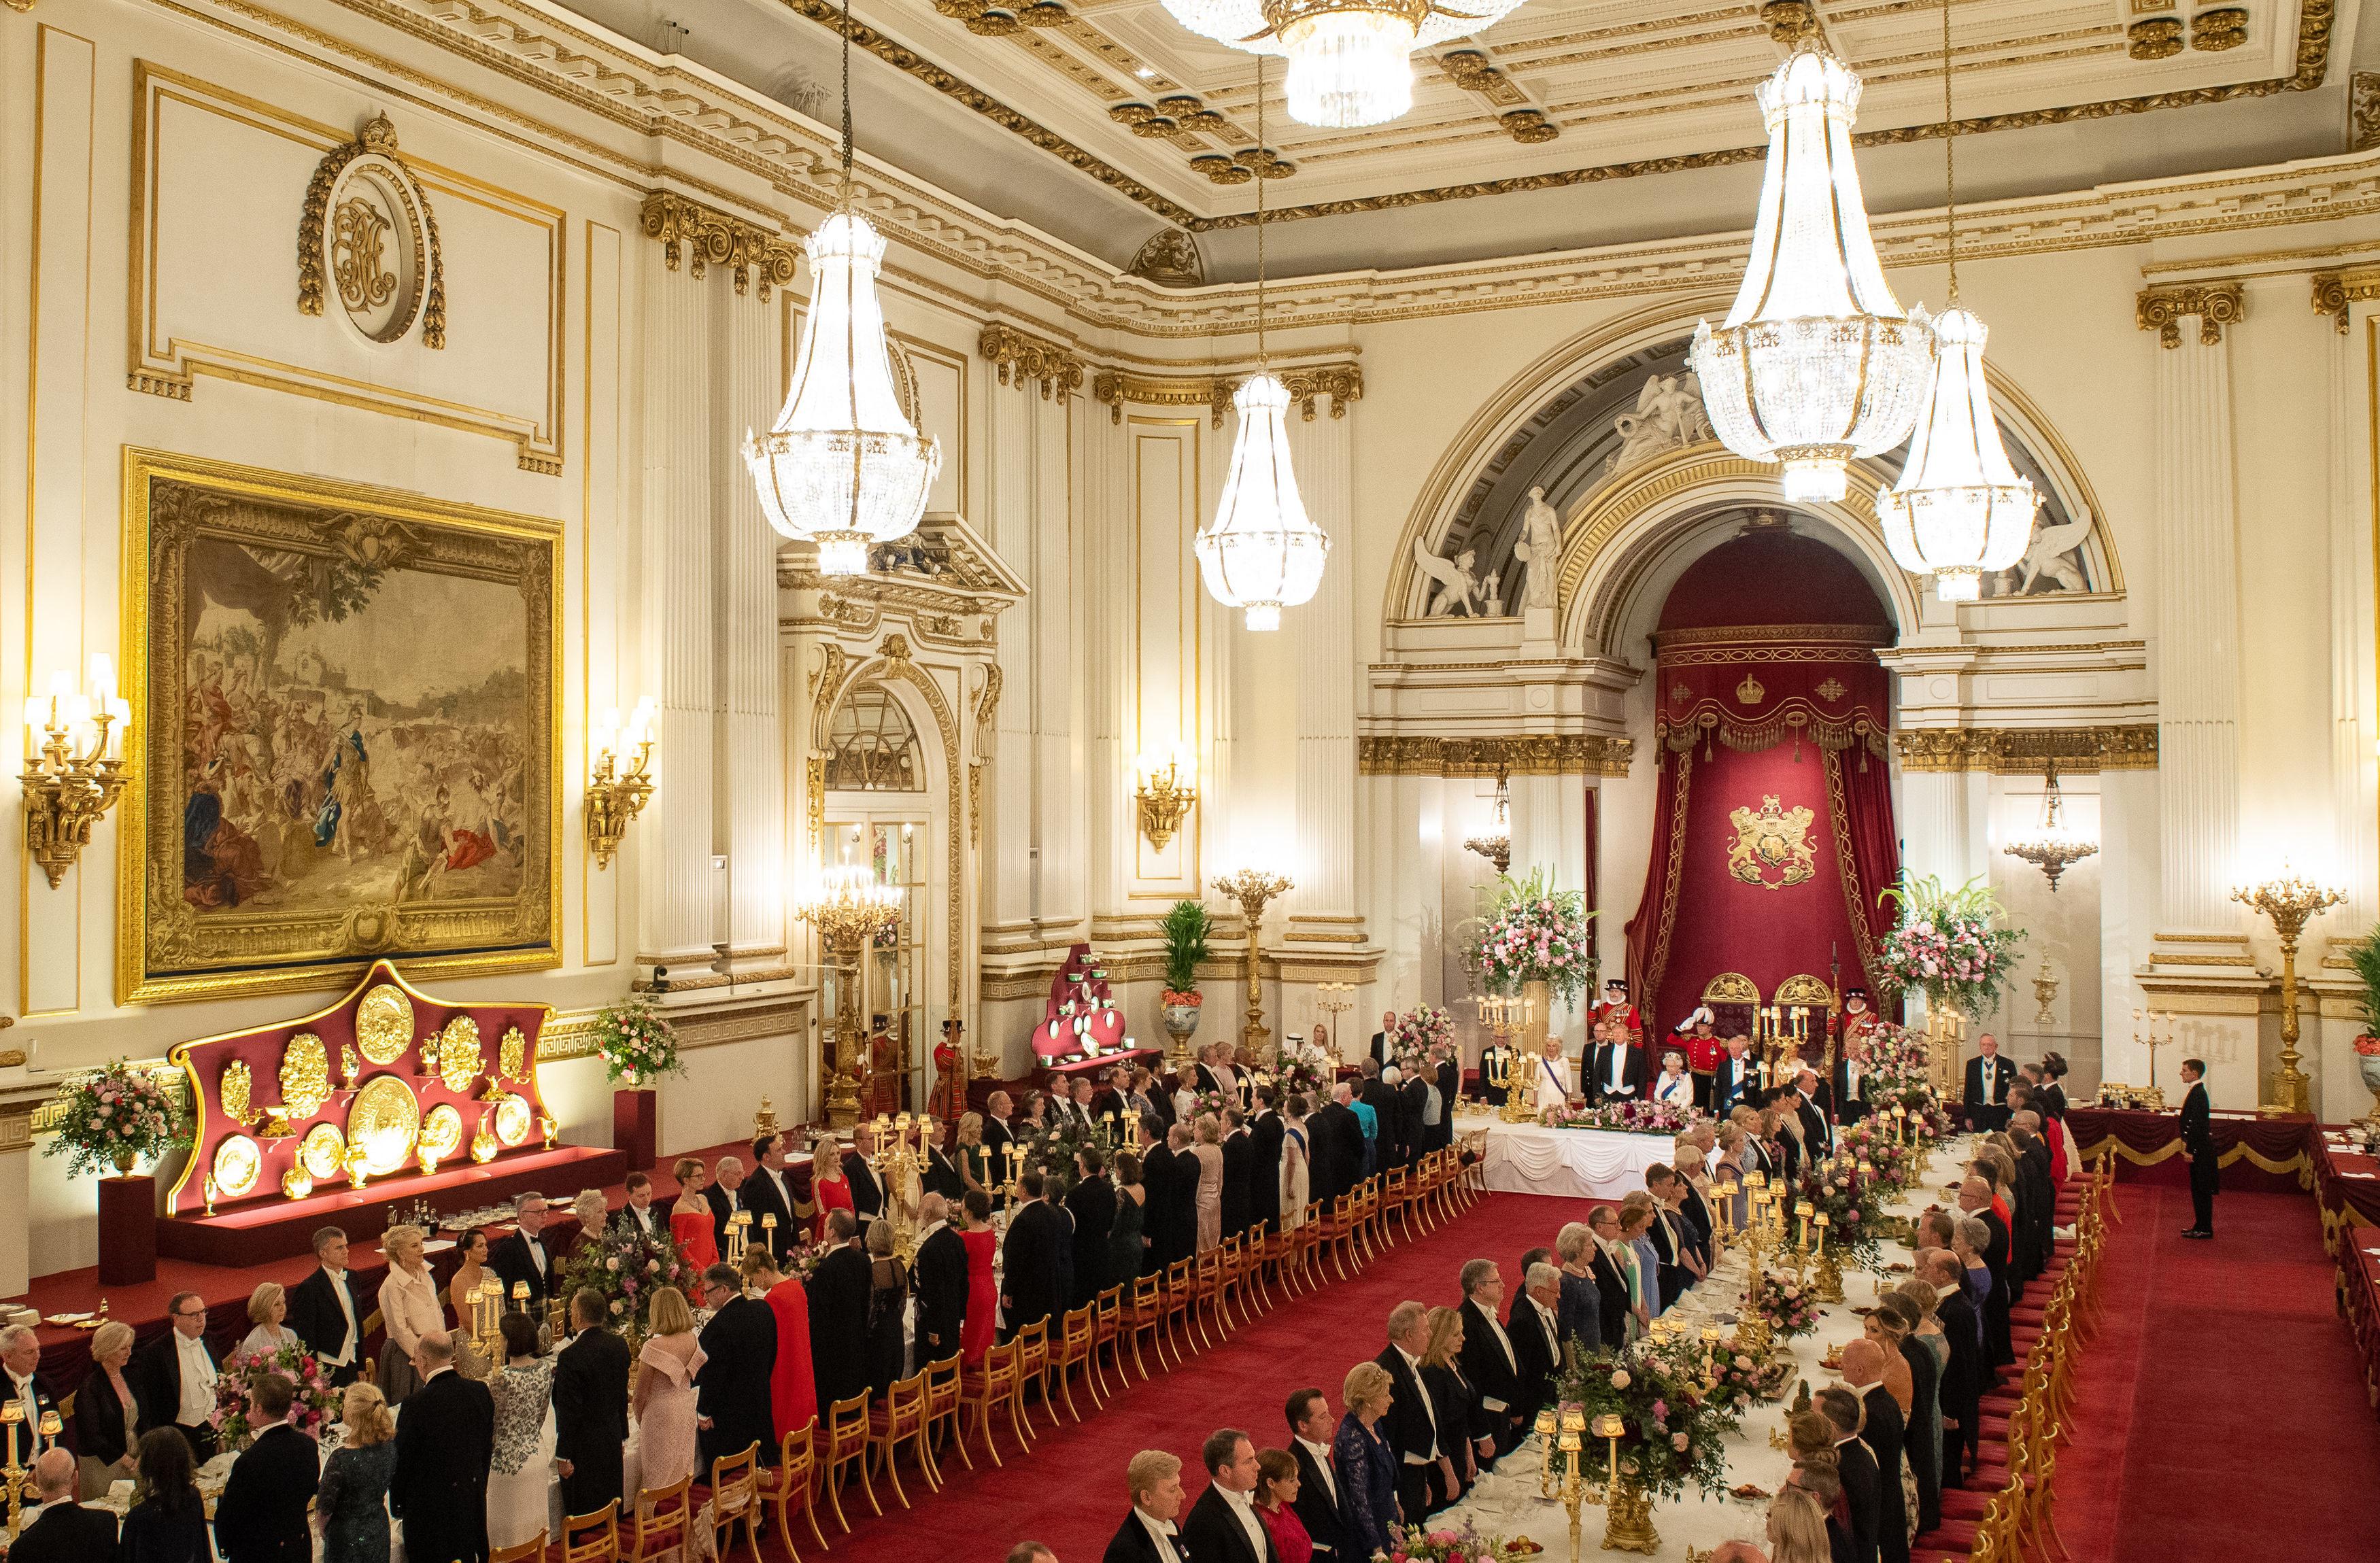 """Впечатляващи тоалети, повечето от които бели, бяха демонстрирани на банкета, даден от кралица Елизабет Втора в чест на американския президент Доналд Тръмп и съпругата му Мелания, пише в.""""Сън"""".<br /> Първата дама на САЩ бе избрала дълга рокля на Диор без ръкави, съчетана с бели ръкавици. Тоалетът беше дефиниран от модните експерти като сив, въпреки че на телевизионните кадри изглеждаше бял."""